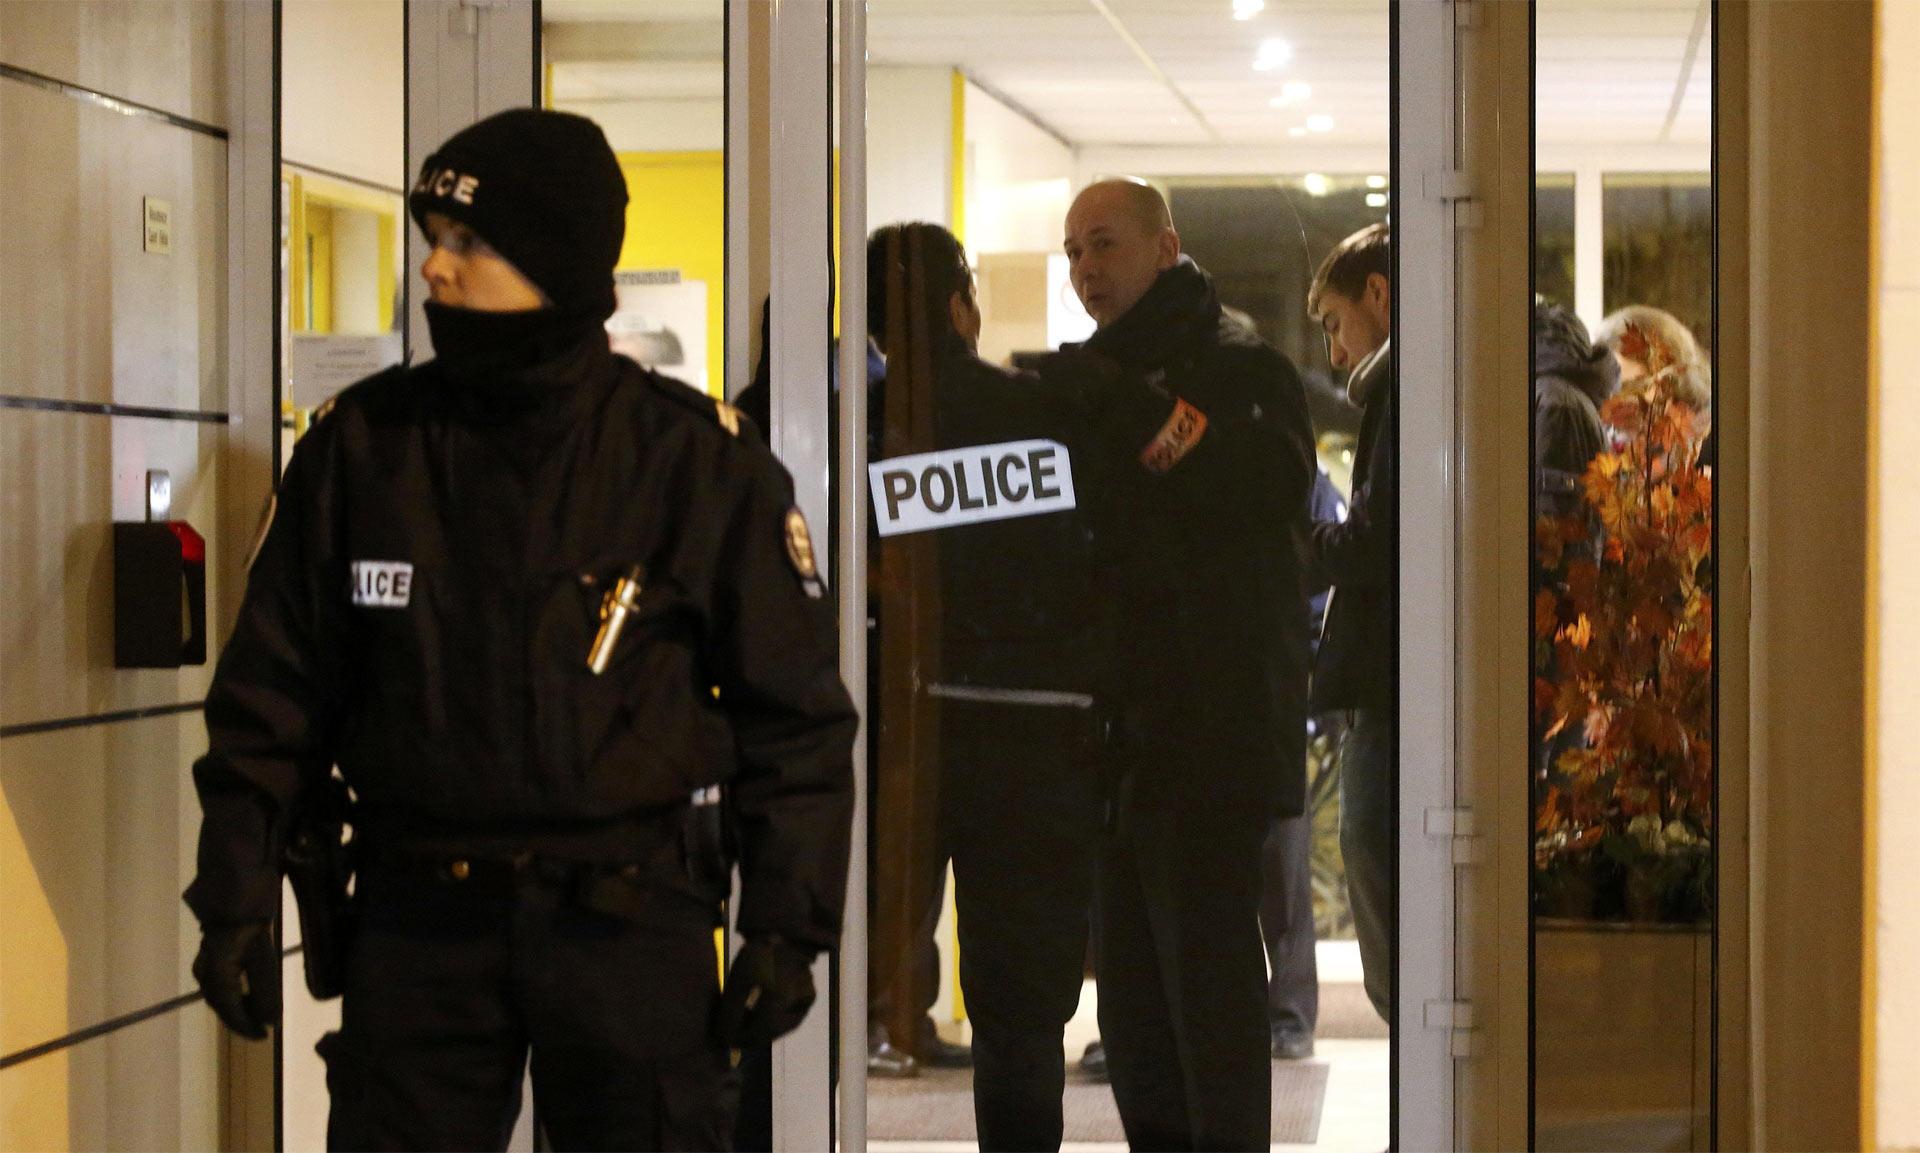 Bendaoud informó que alojó a dos personas en su casa sin saber sus intenciones